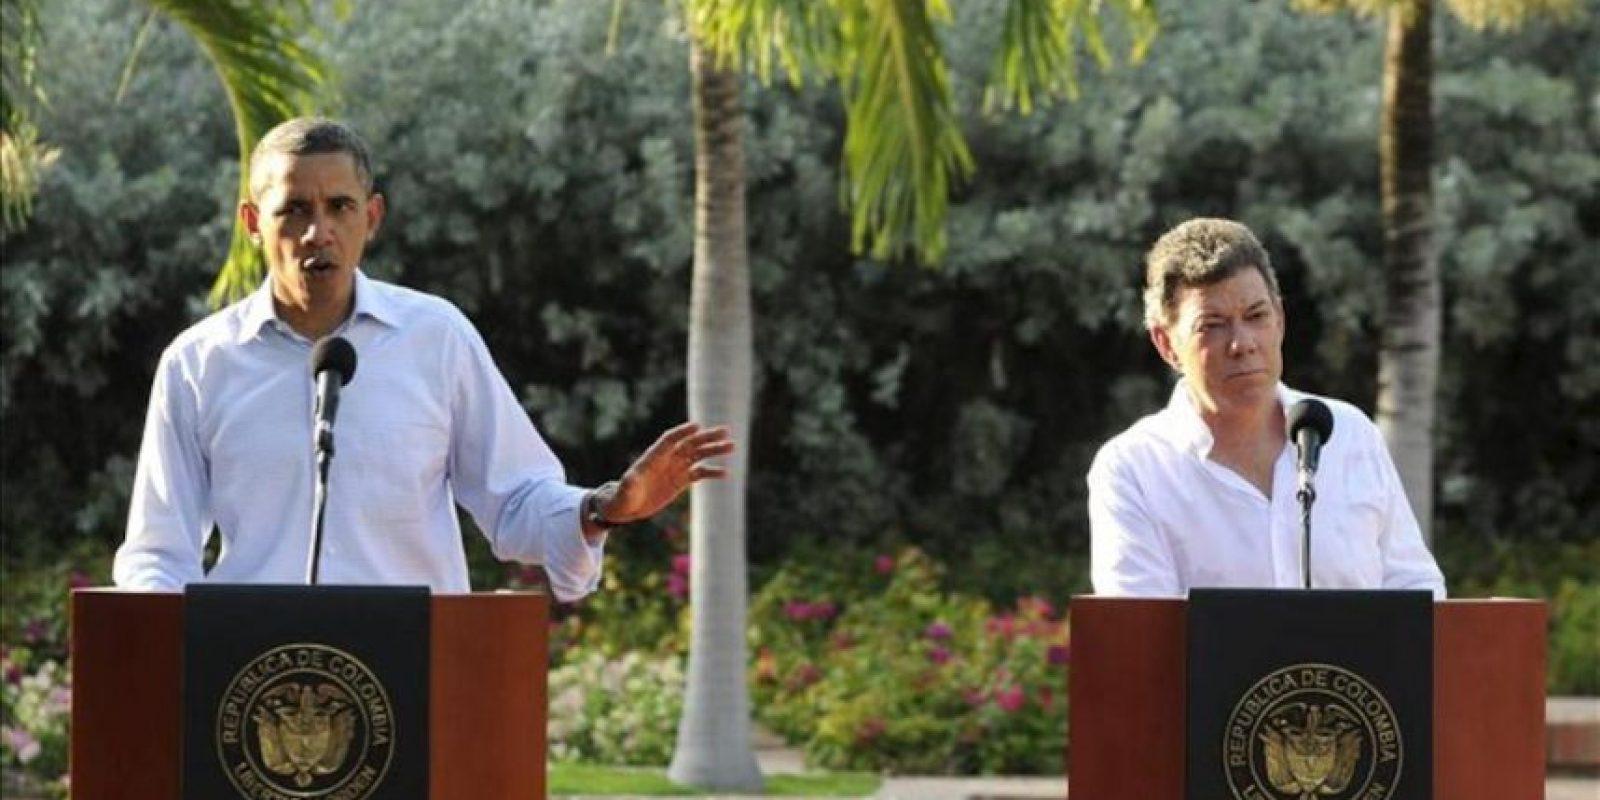 El presidente de Colombia, Juan Manuel Santos (d), escucha a su homólogo de Estados Unidos, Barack Obama (i), en una rueda de prensa conjunta, posterior a una reunión bilateral en la Casa de Huéspedes Ilustres en Cartagena (Colombia), como parte de las actividades de la VI Cumbre de las Américas. EFE